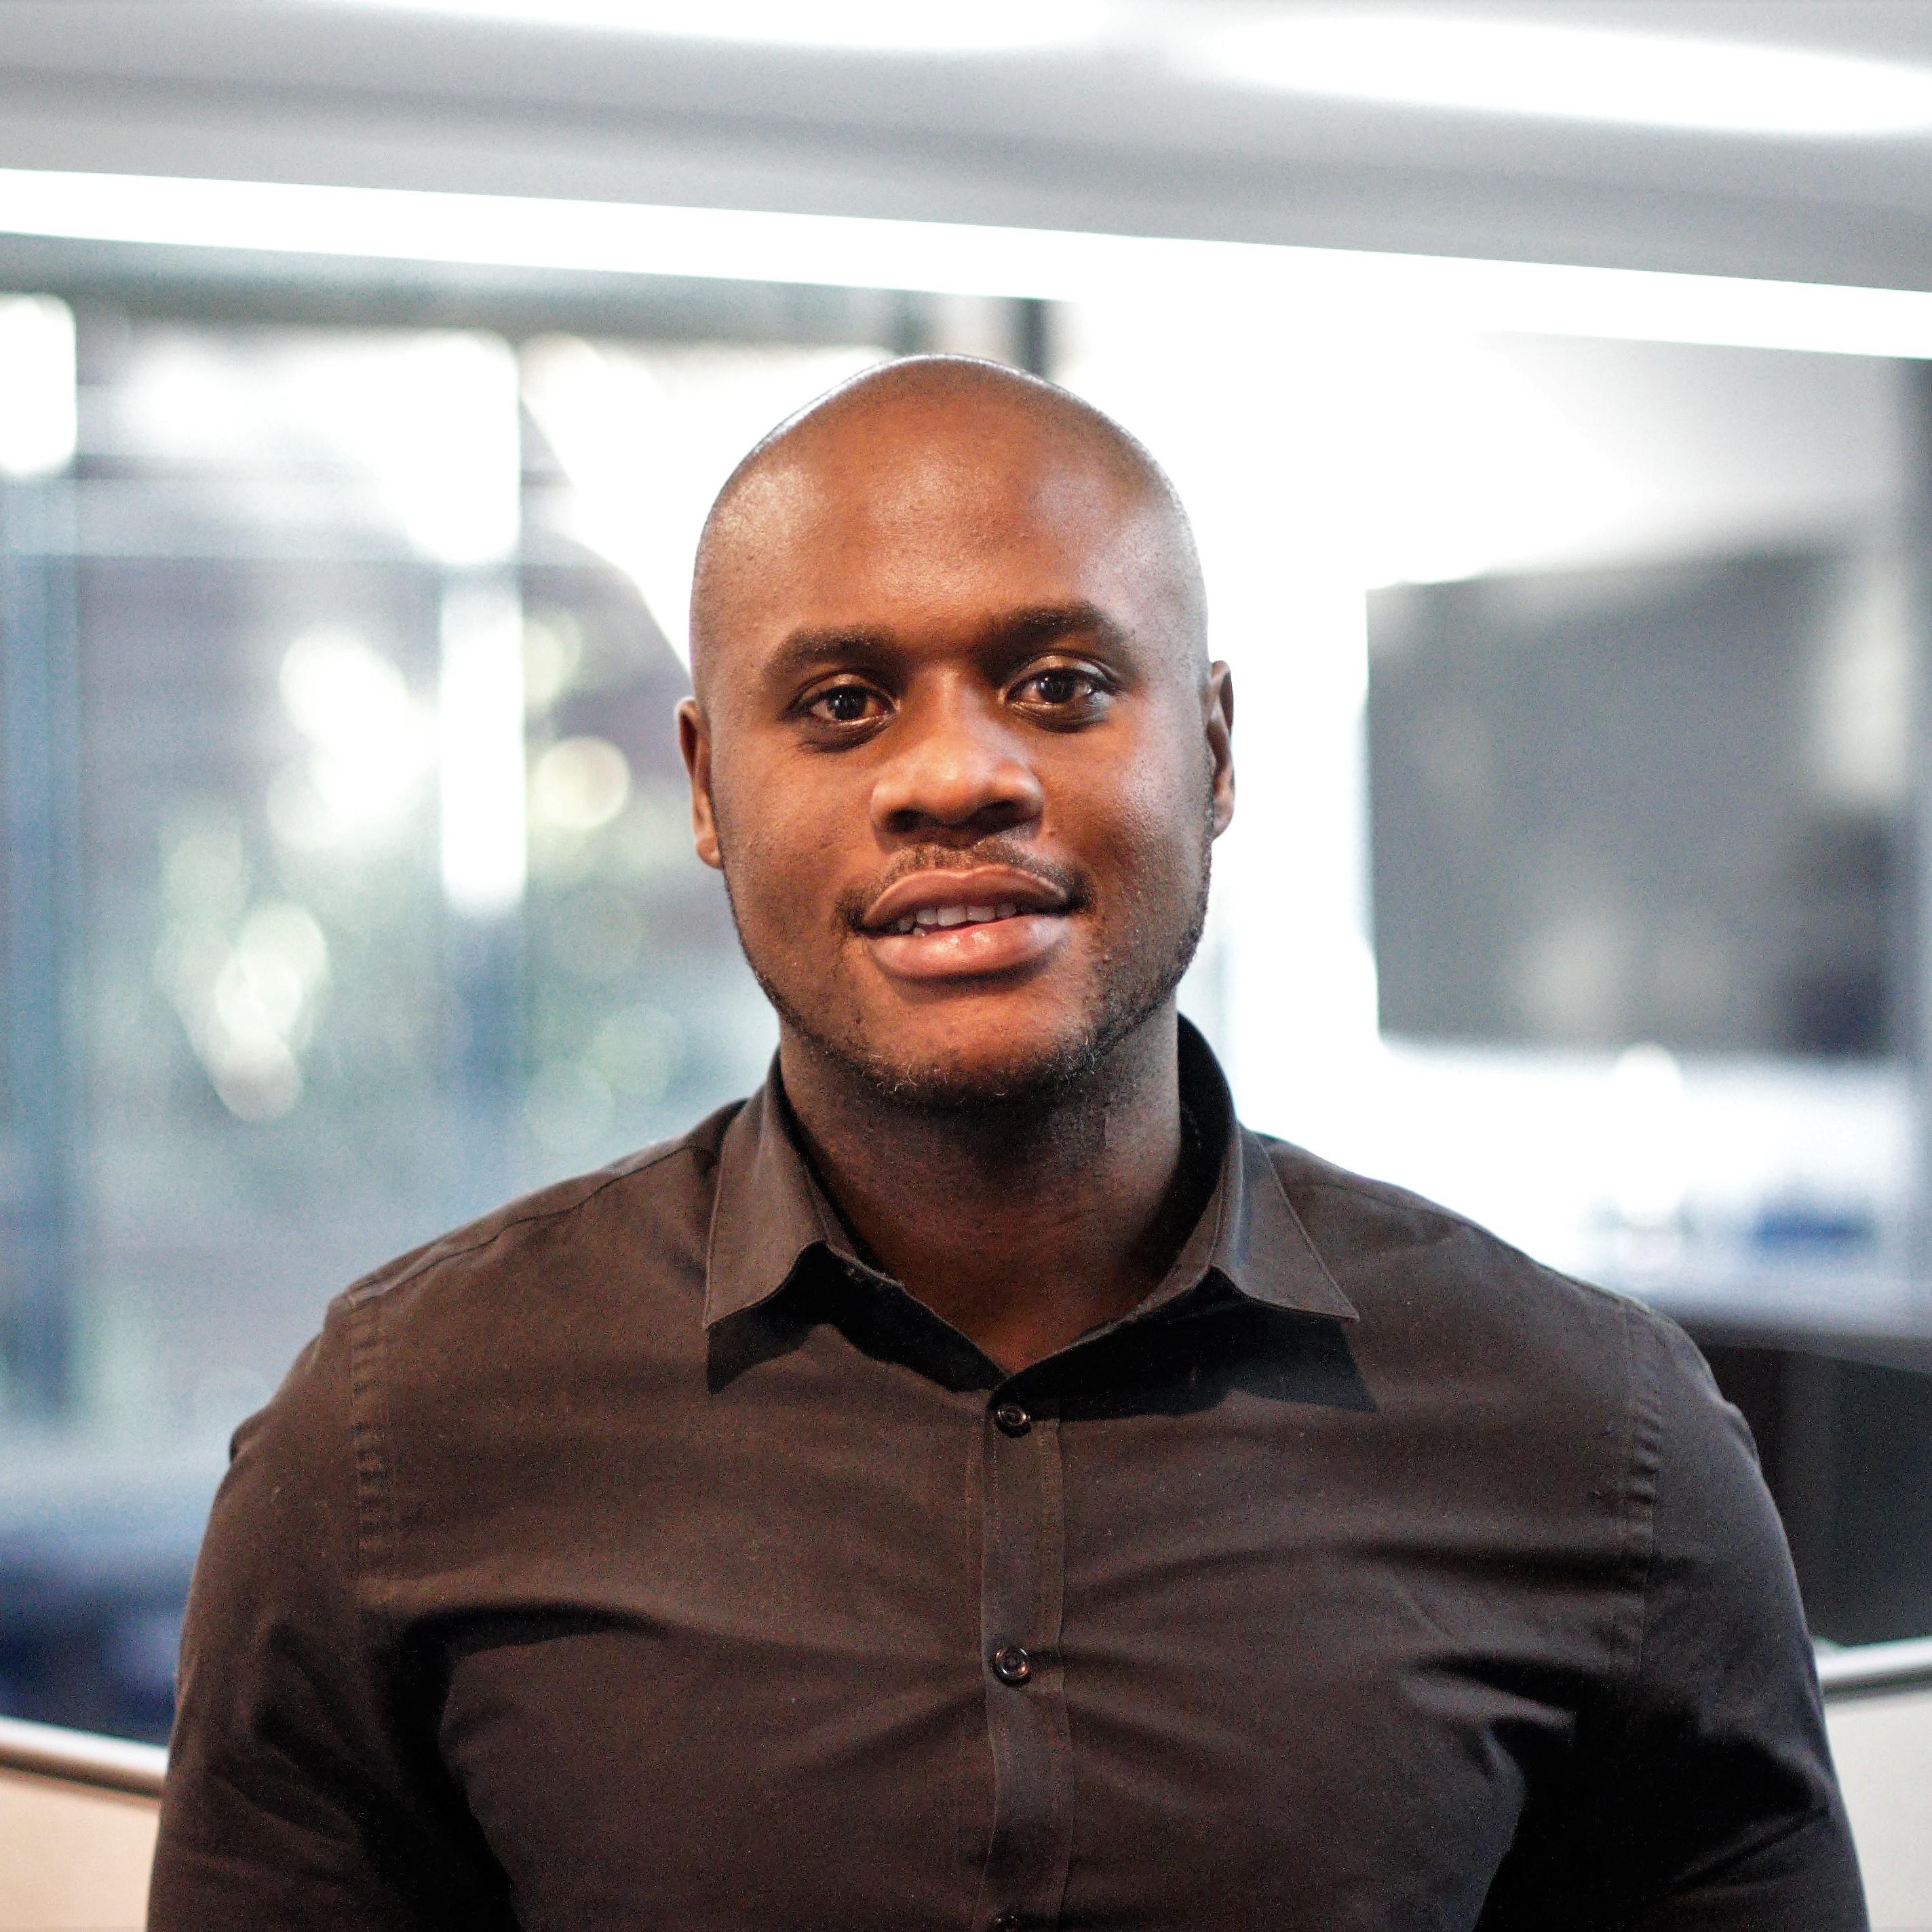 Meet the team: Michael Tshibangu